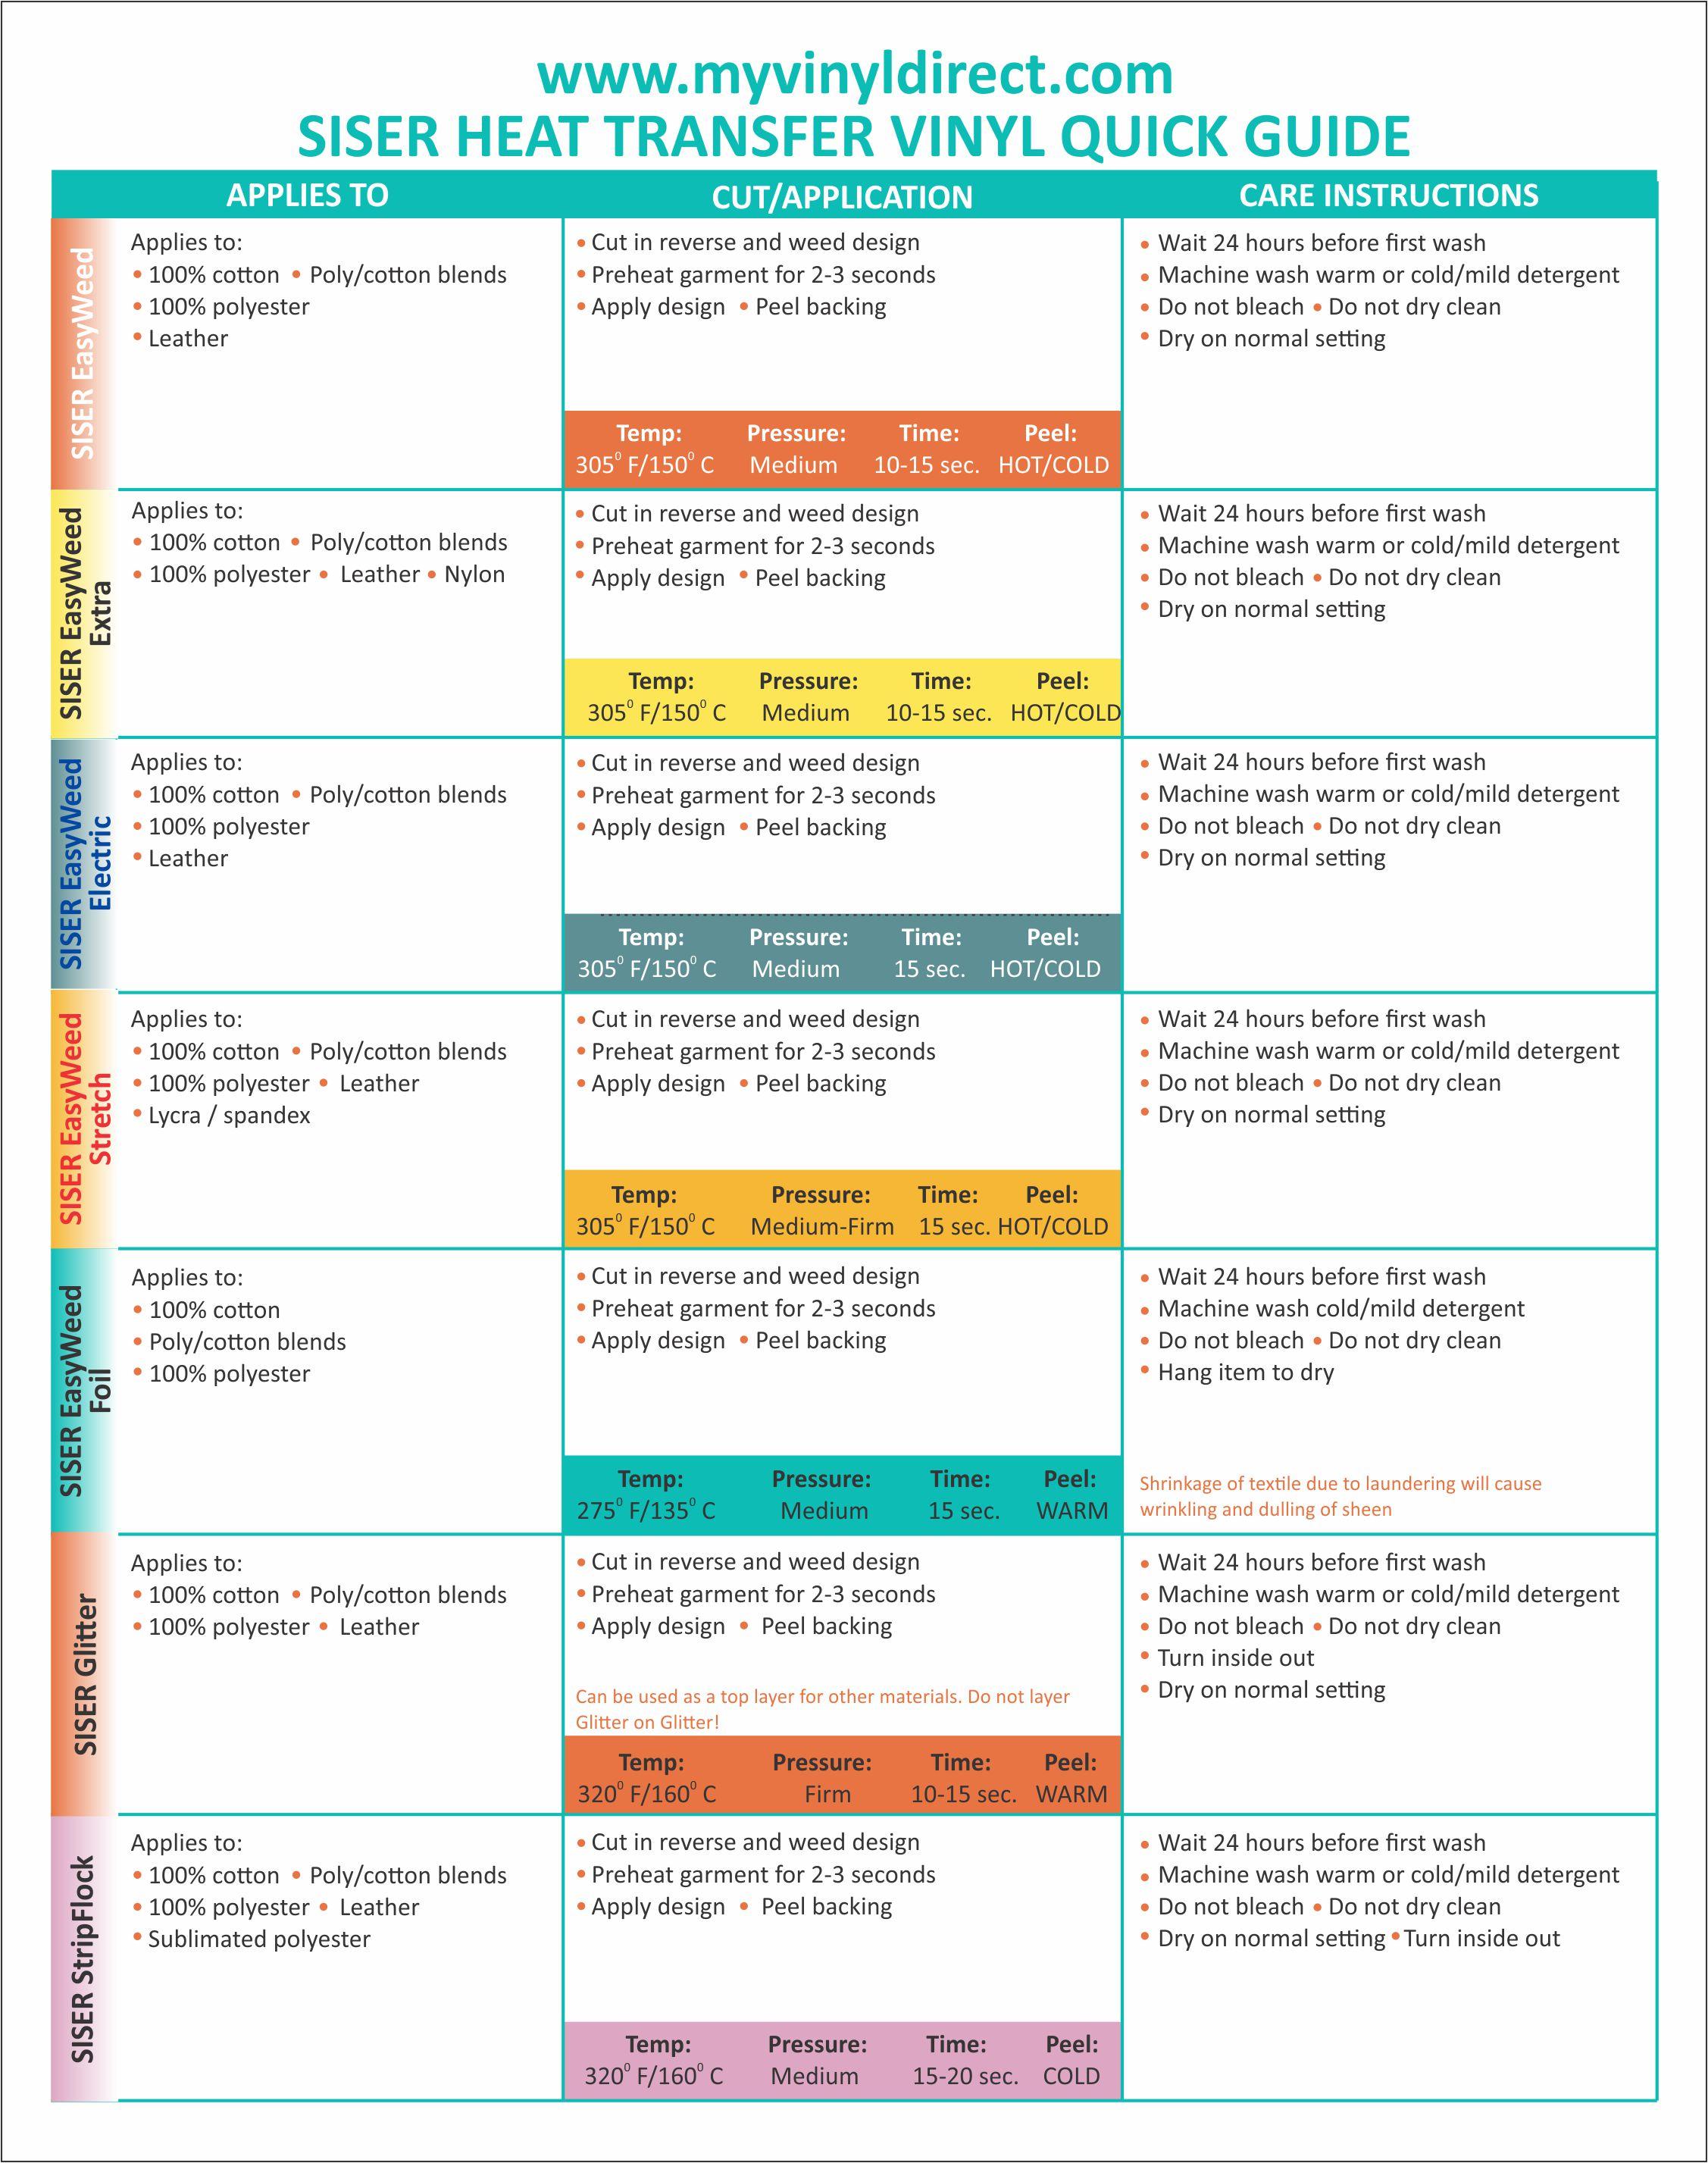 siser-htv-quick-guide.jpg